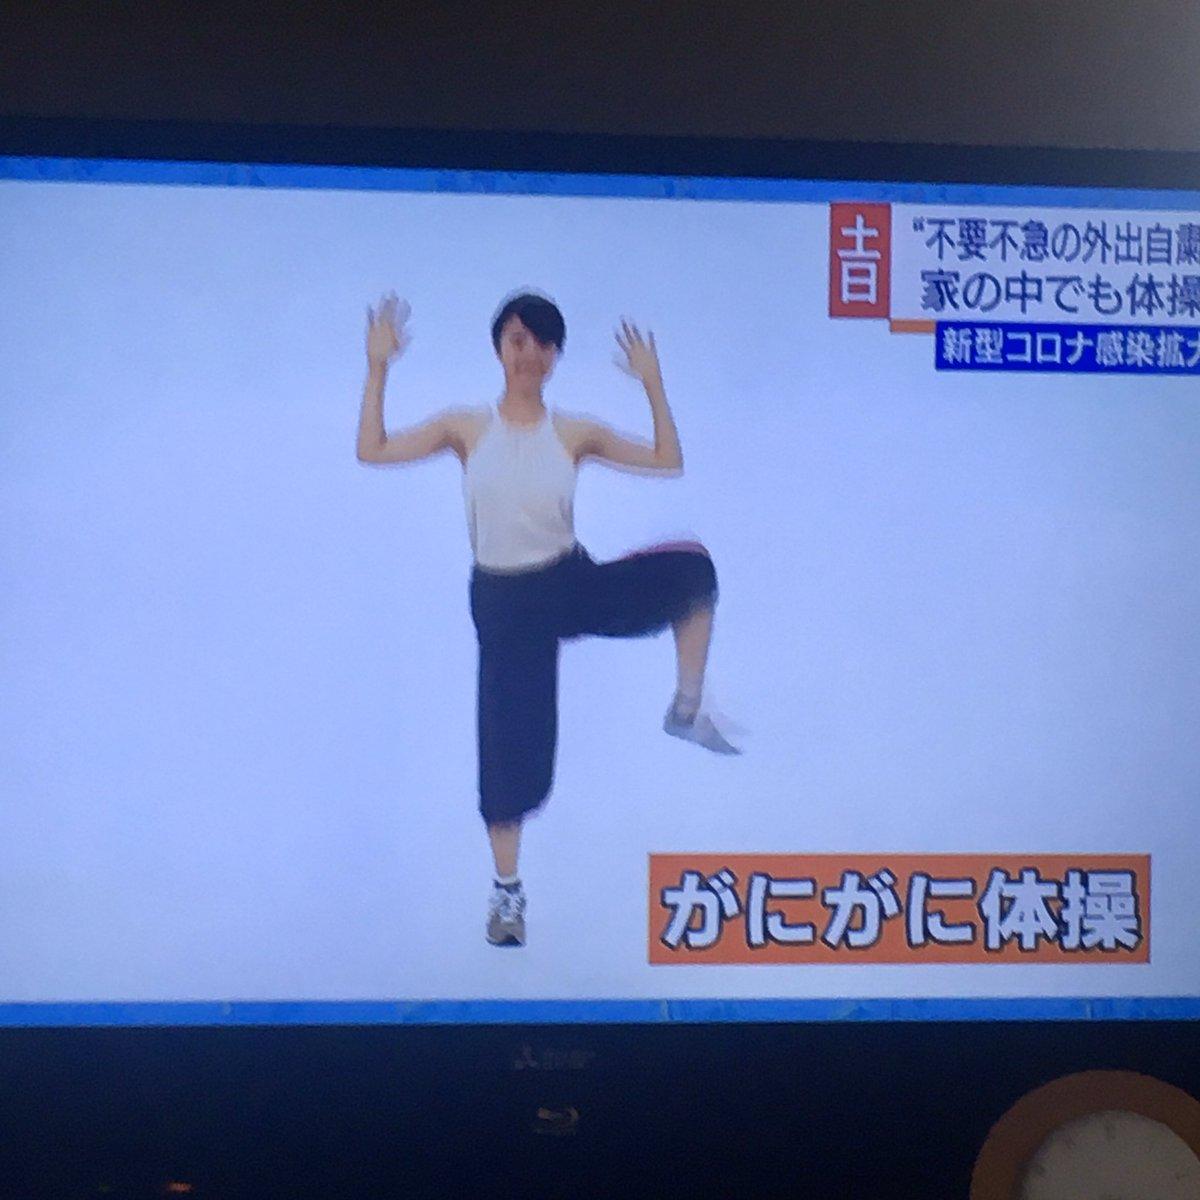 くねくね 体操 が に が に 体操 動画